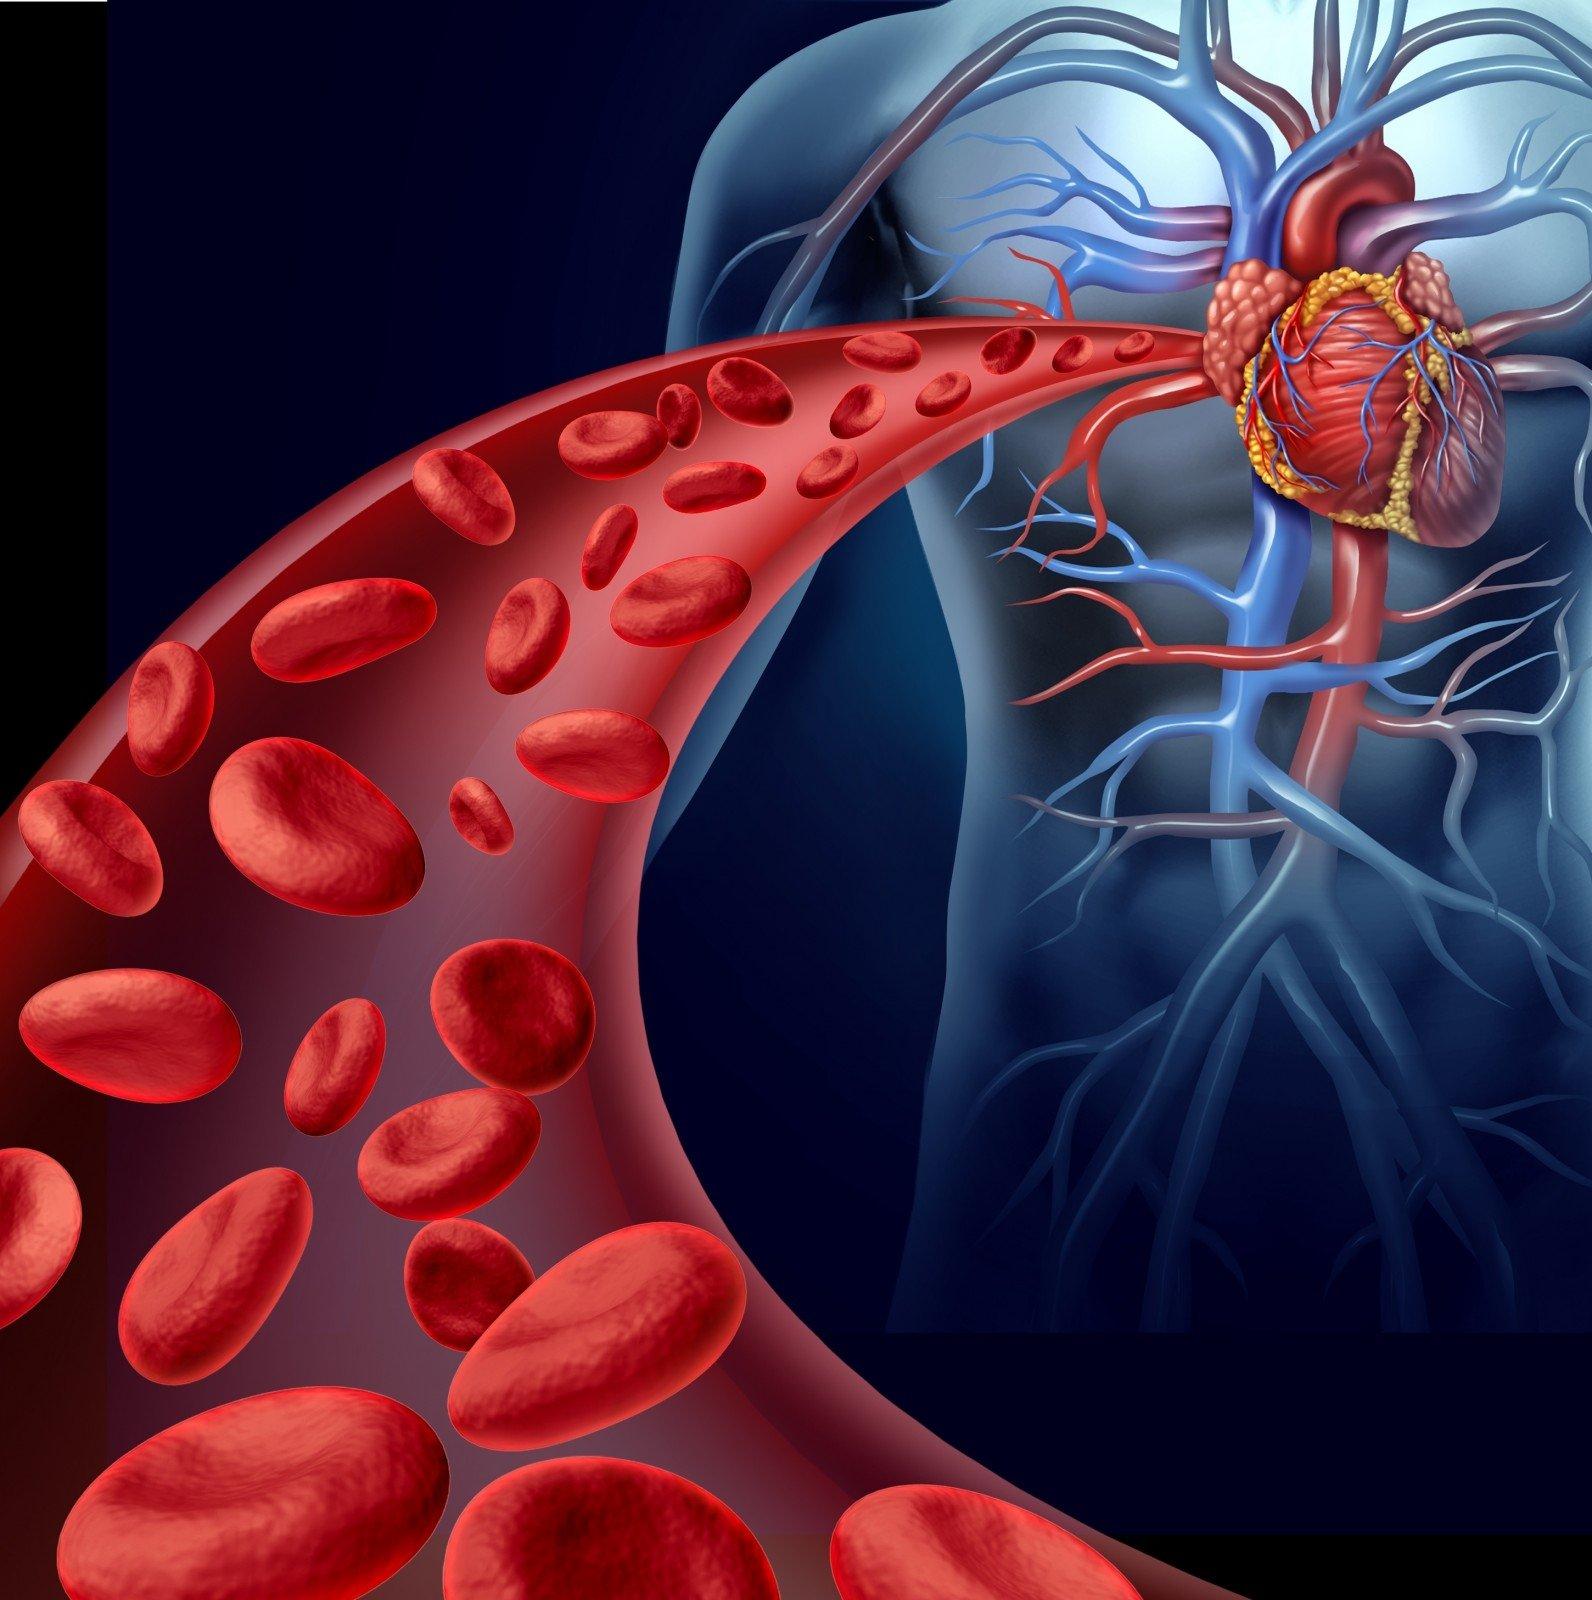 įgimta liga sveikata širdies smulkmenos